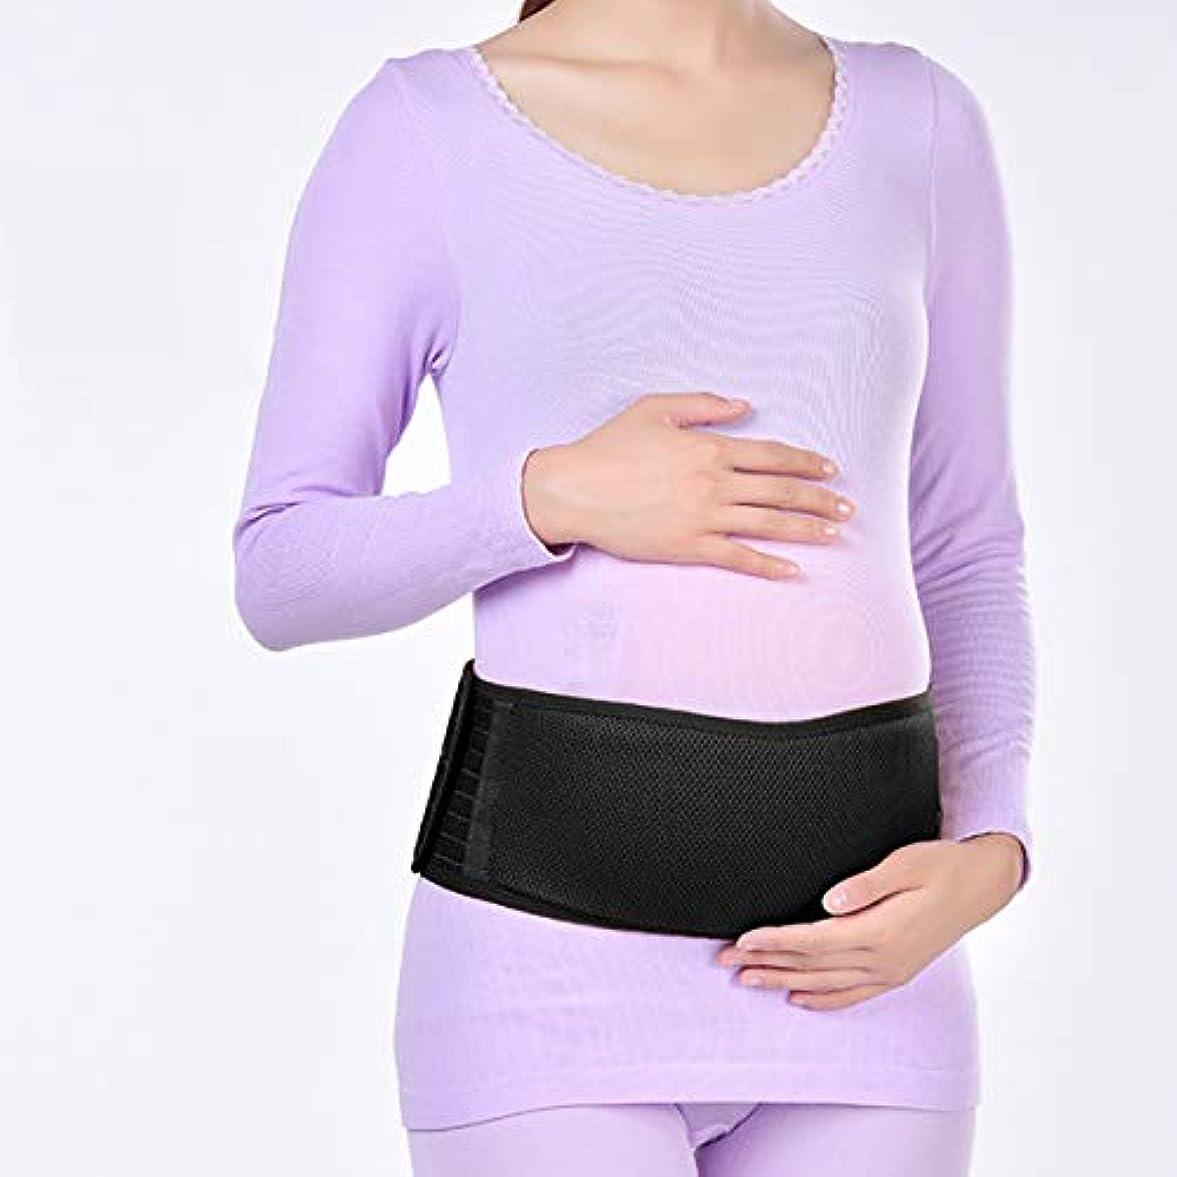 費やす満たす注釈Healifty 妊婦 マタニティベルト 産前産後 腹部サポートベルト 骨盤ベルト 腰痛対策 冷房対策 出生前腹部サポートベルト 黑